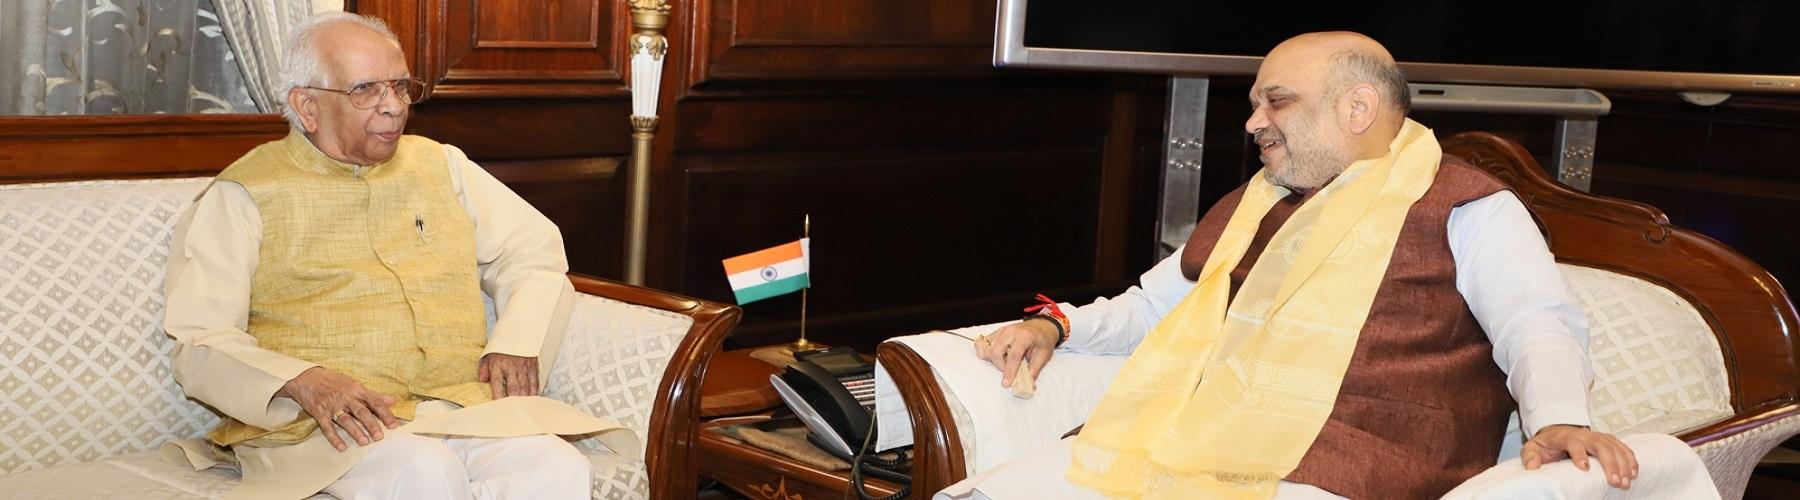 पश्चिम बंगाल के राज्यपाल श्री केशरी नाथ त्रिपाठी दिनांक 10 जून 2019 को नई दिल्ली में केंद्रीय गृह मंत्री श्री अमित शाह से मुलाकात करते हुए